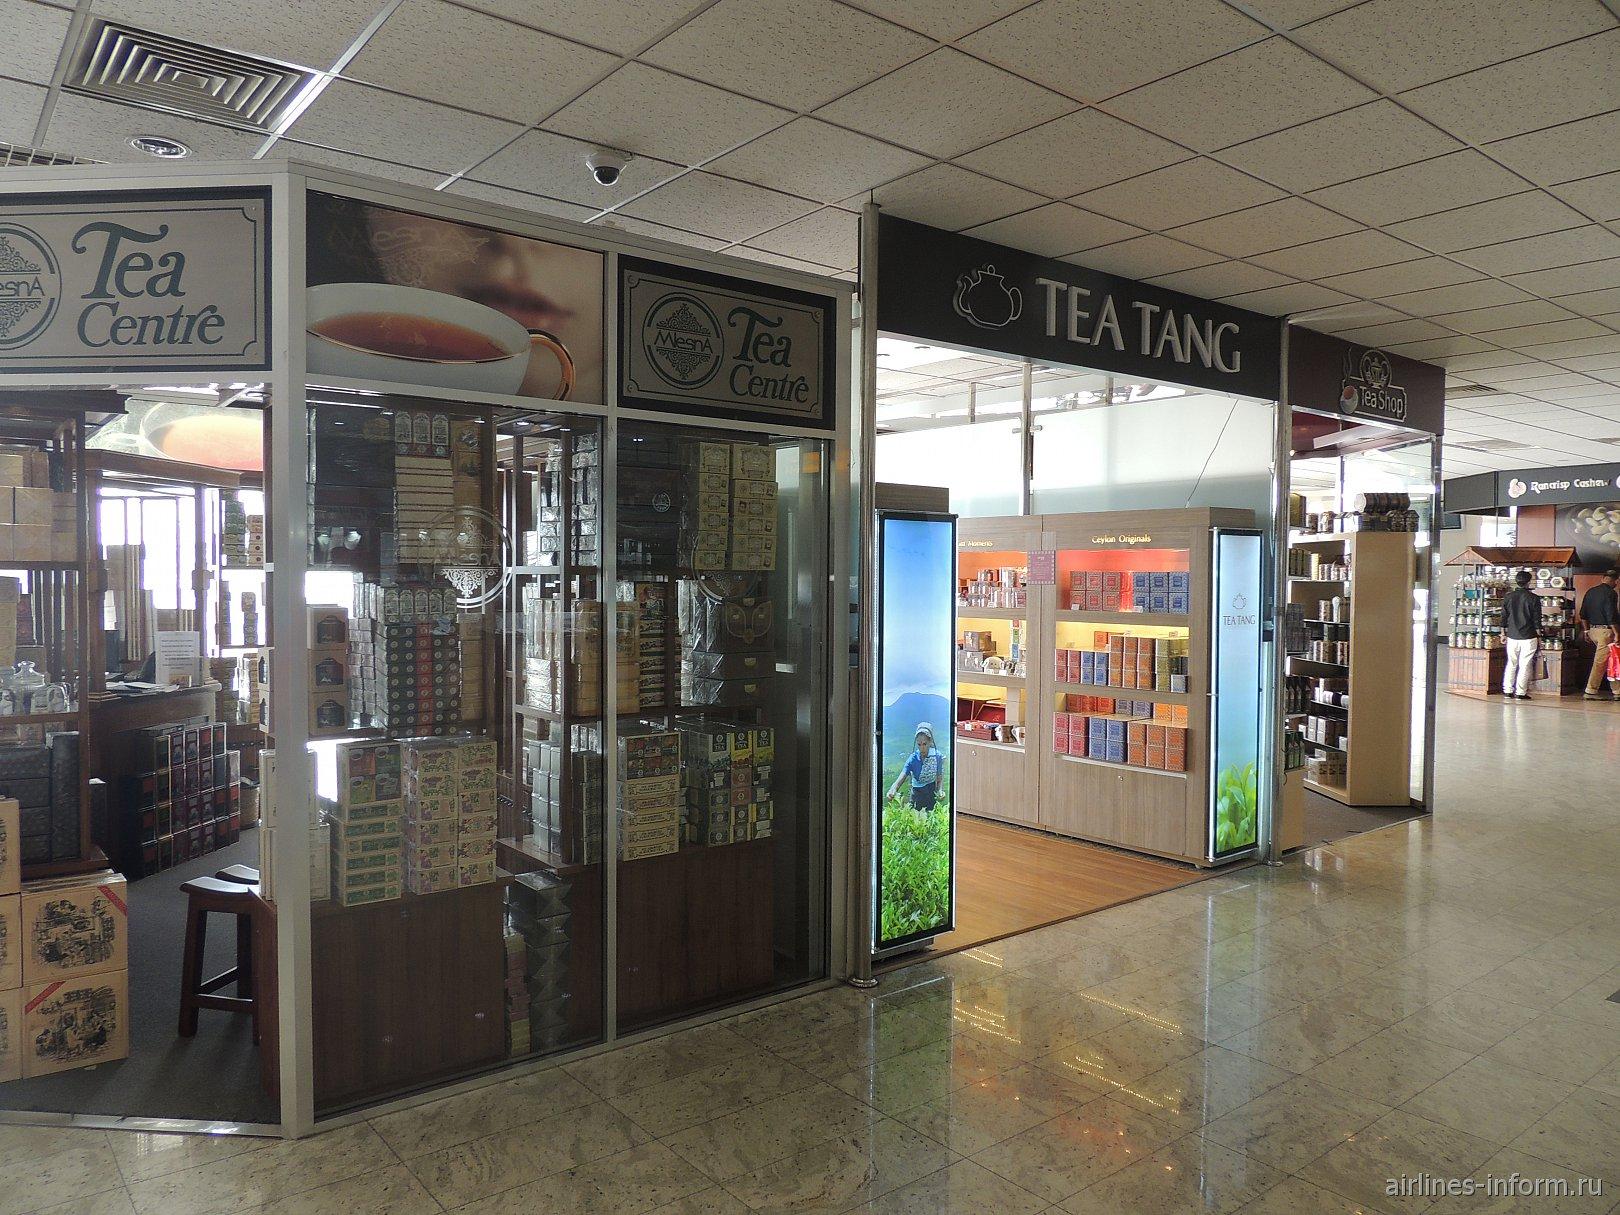 Чайный магазин в аэропорту Коломбо Бандаранайке